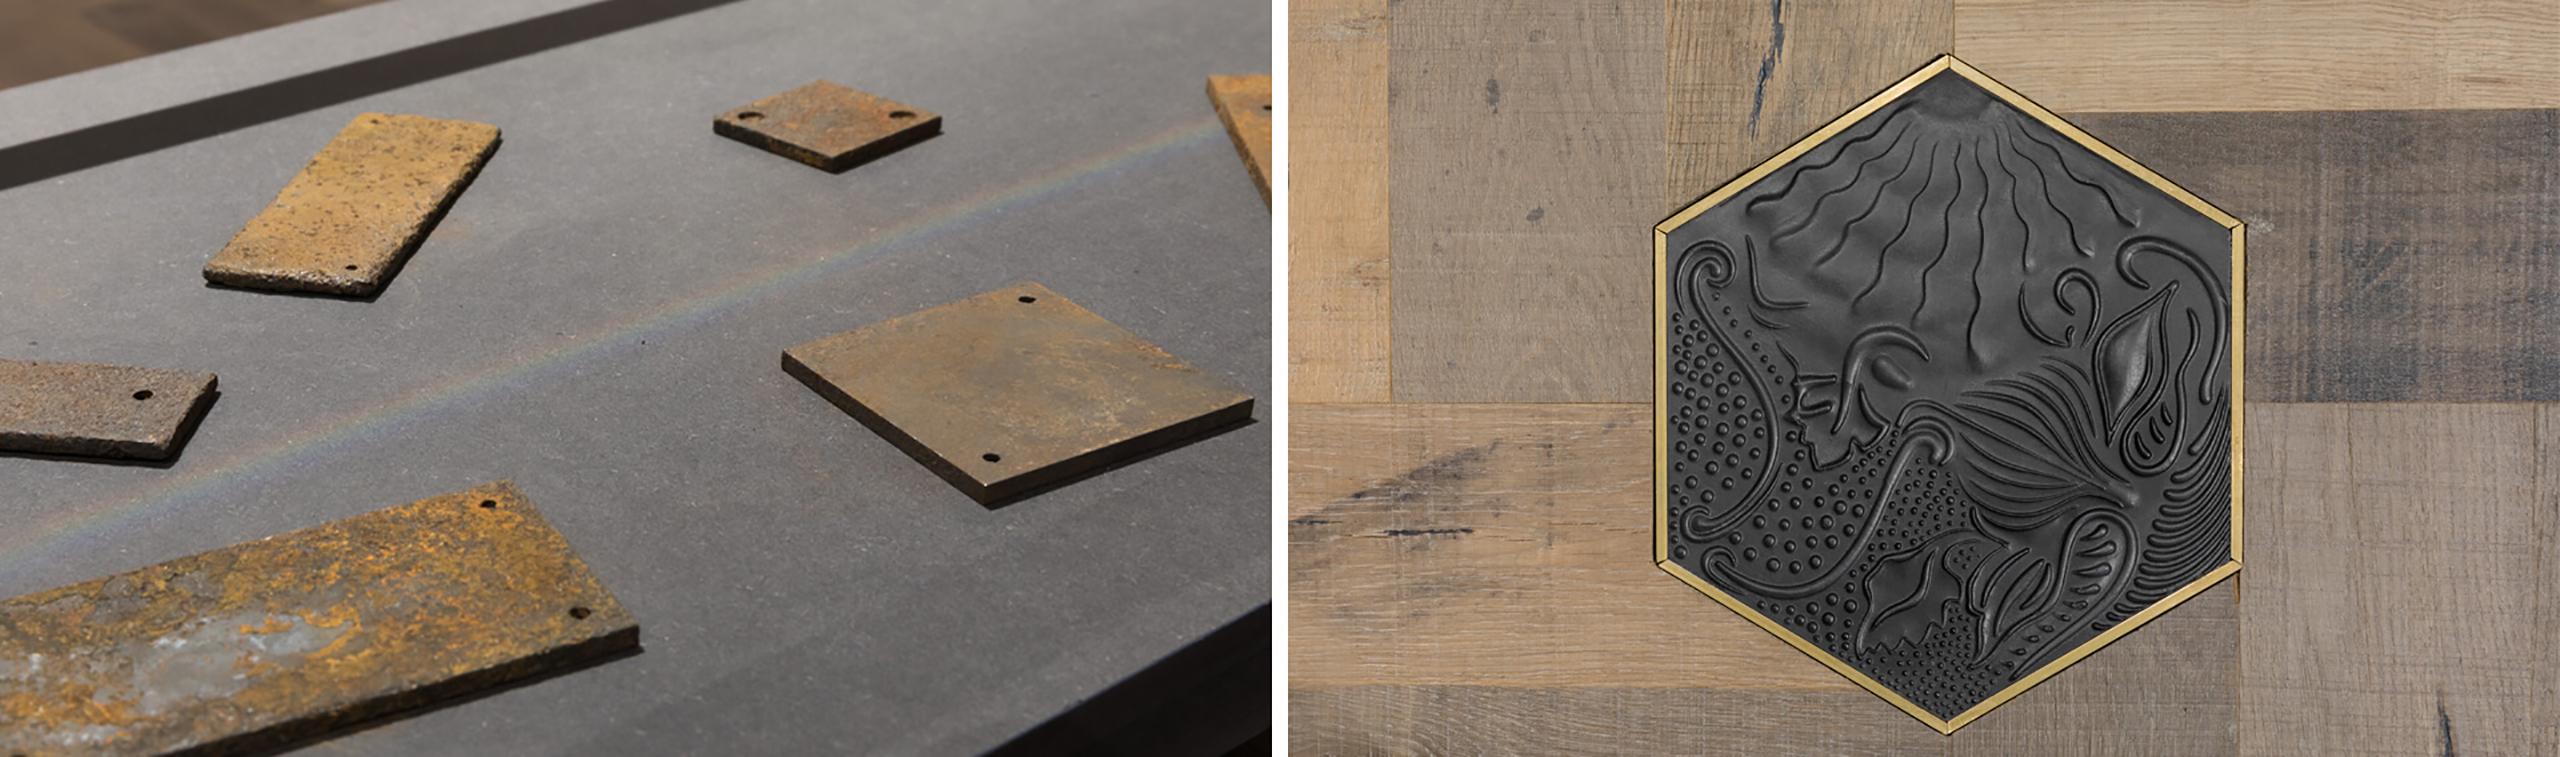 Detalle de madera y hierro del showroom de parquets WINco